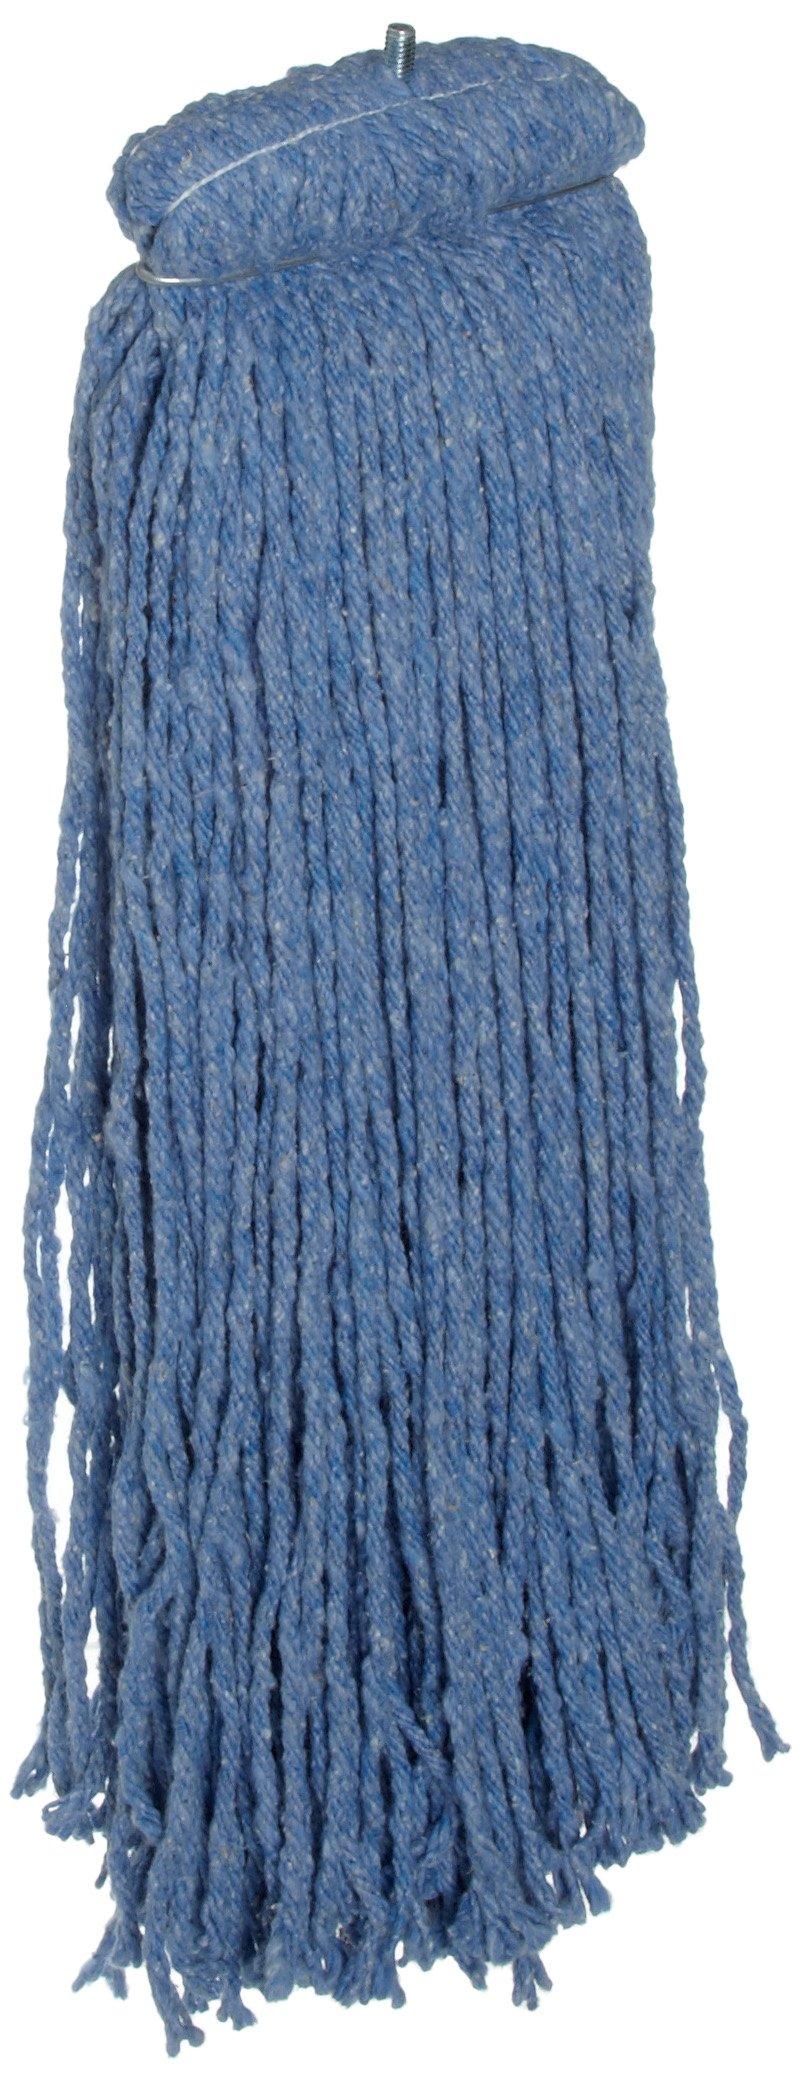 Rubbermaid Commercial Cut End Mop, Blue,FGF56800BL00